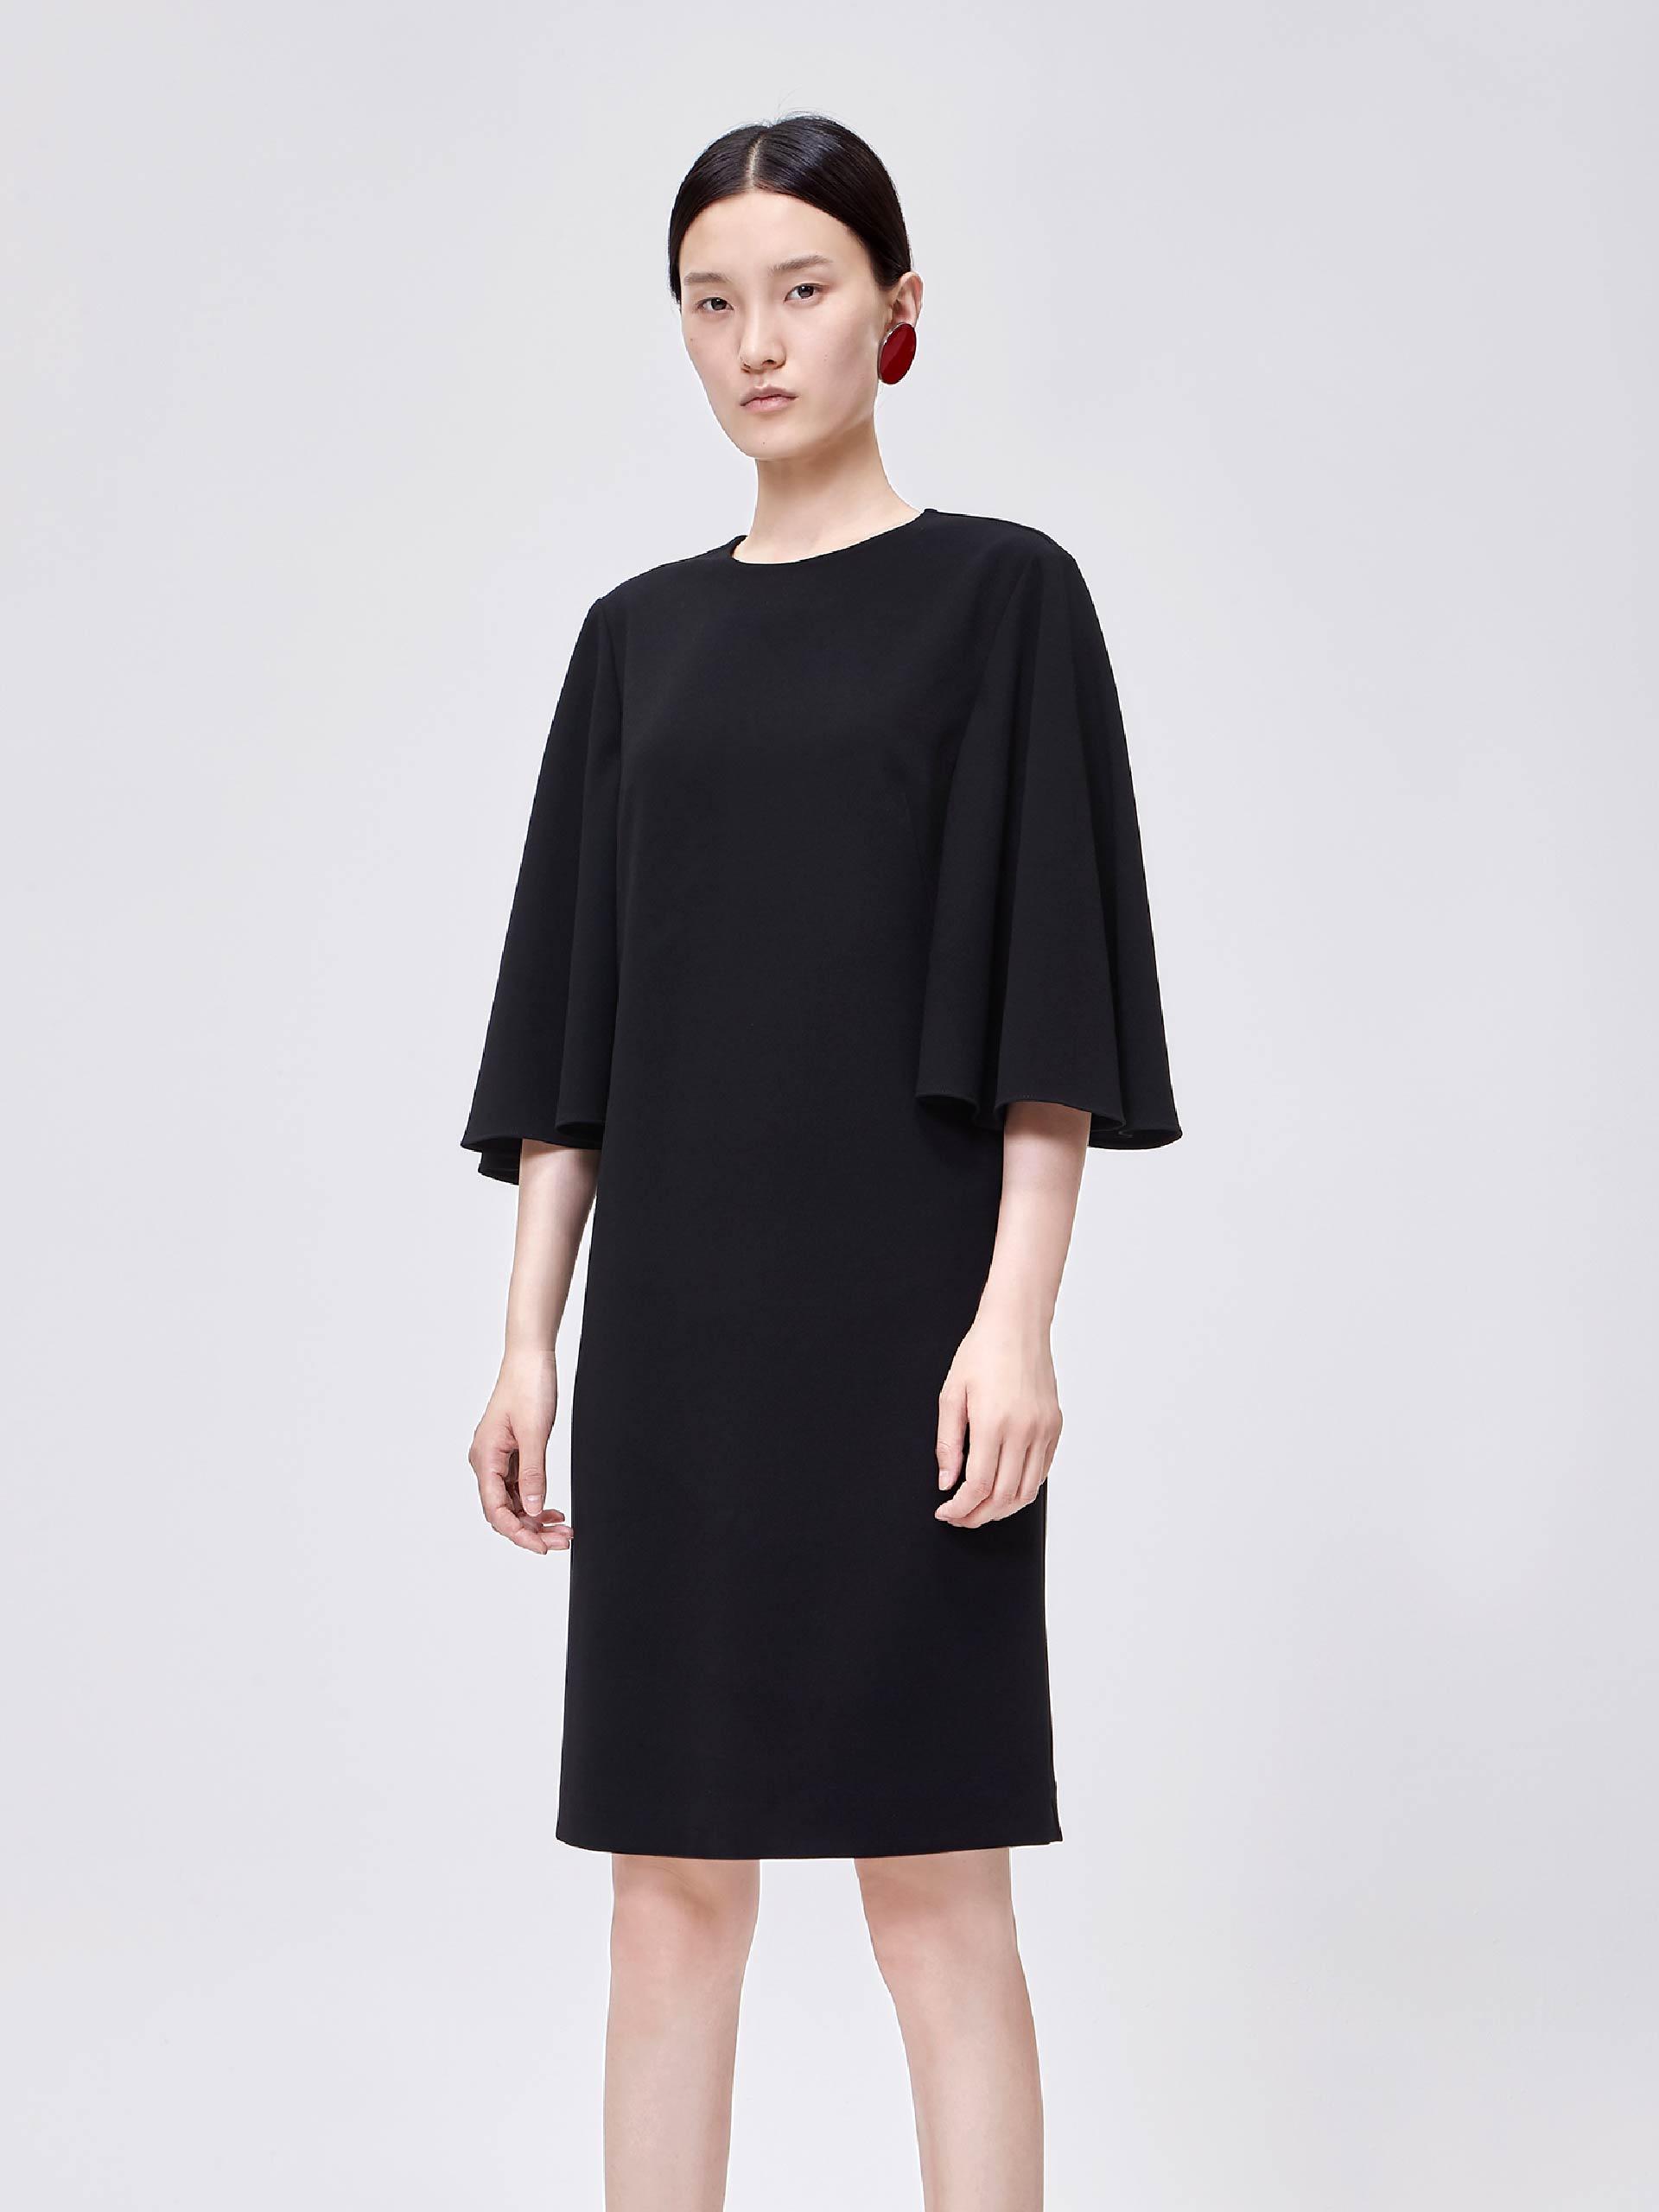 复古喇叭中袖小黑裙